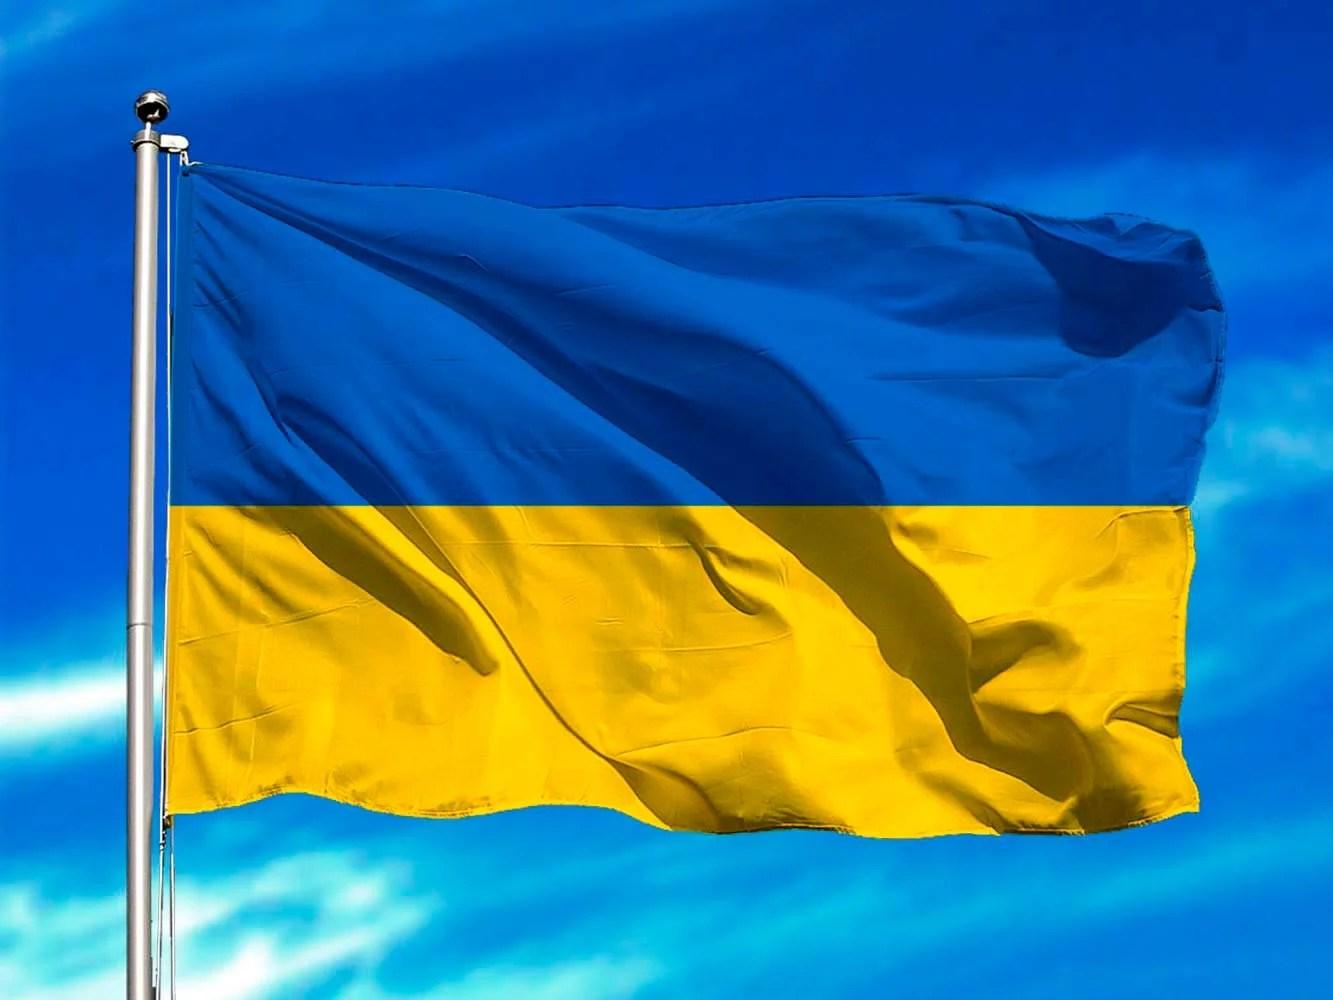 Los criptopagos ahora son legales en Ucrania, tras aprobación en ley